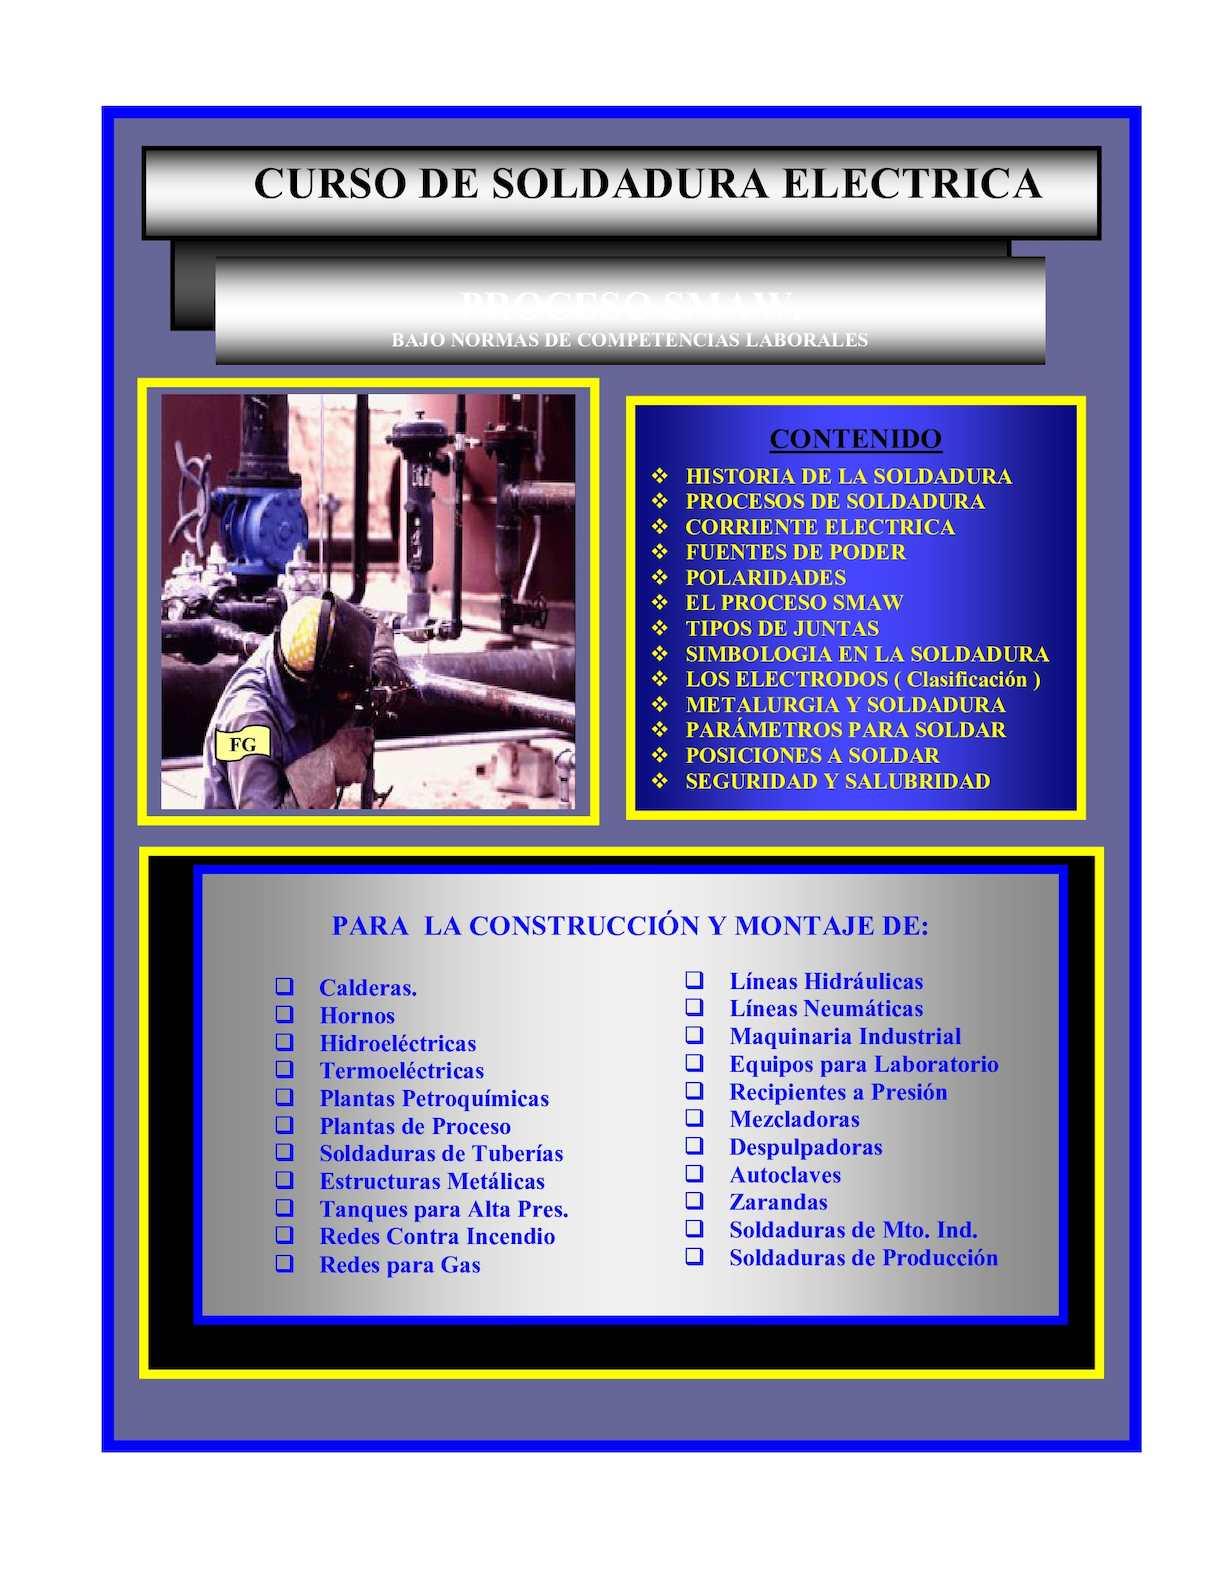 Calaméo - Curso de Soldadura Eléctrica; Fidel García Navarro